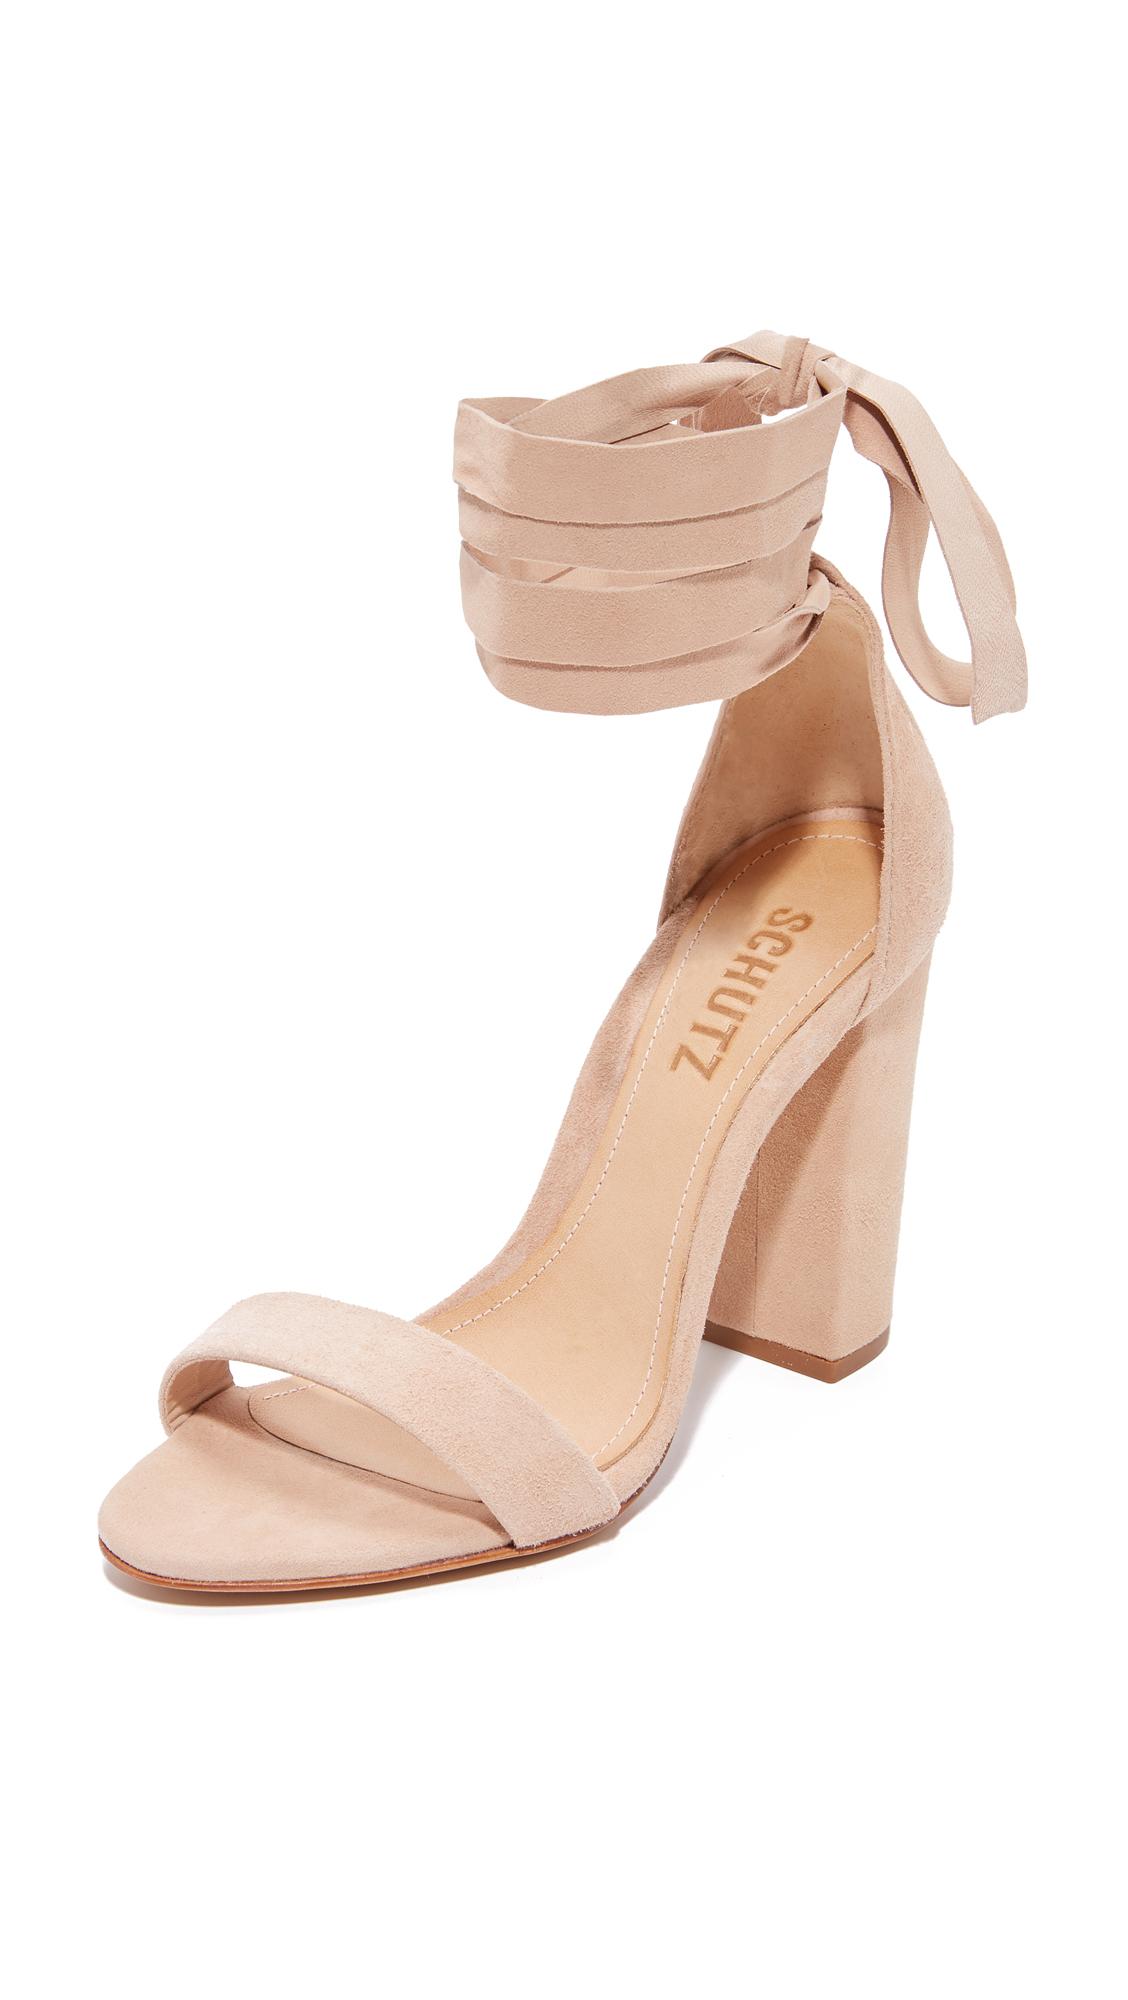 Schutz Kelma Sandals - Amendoa